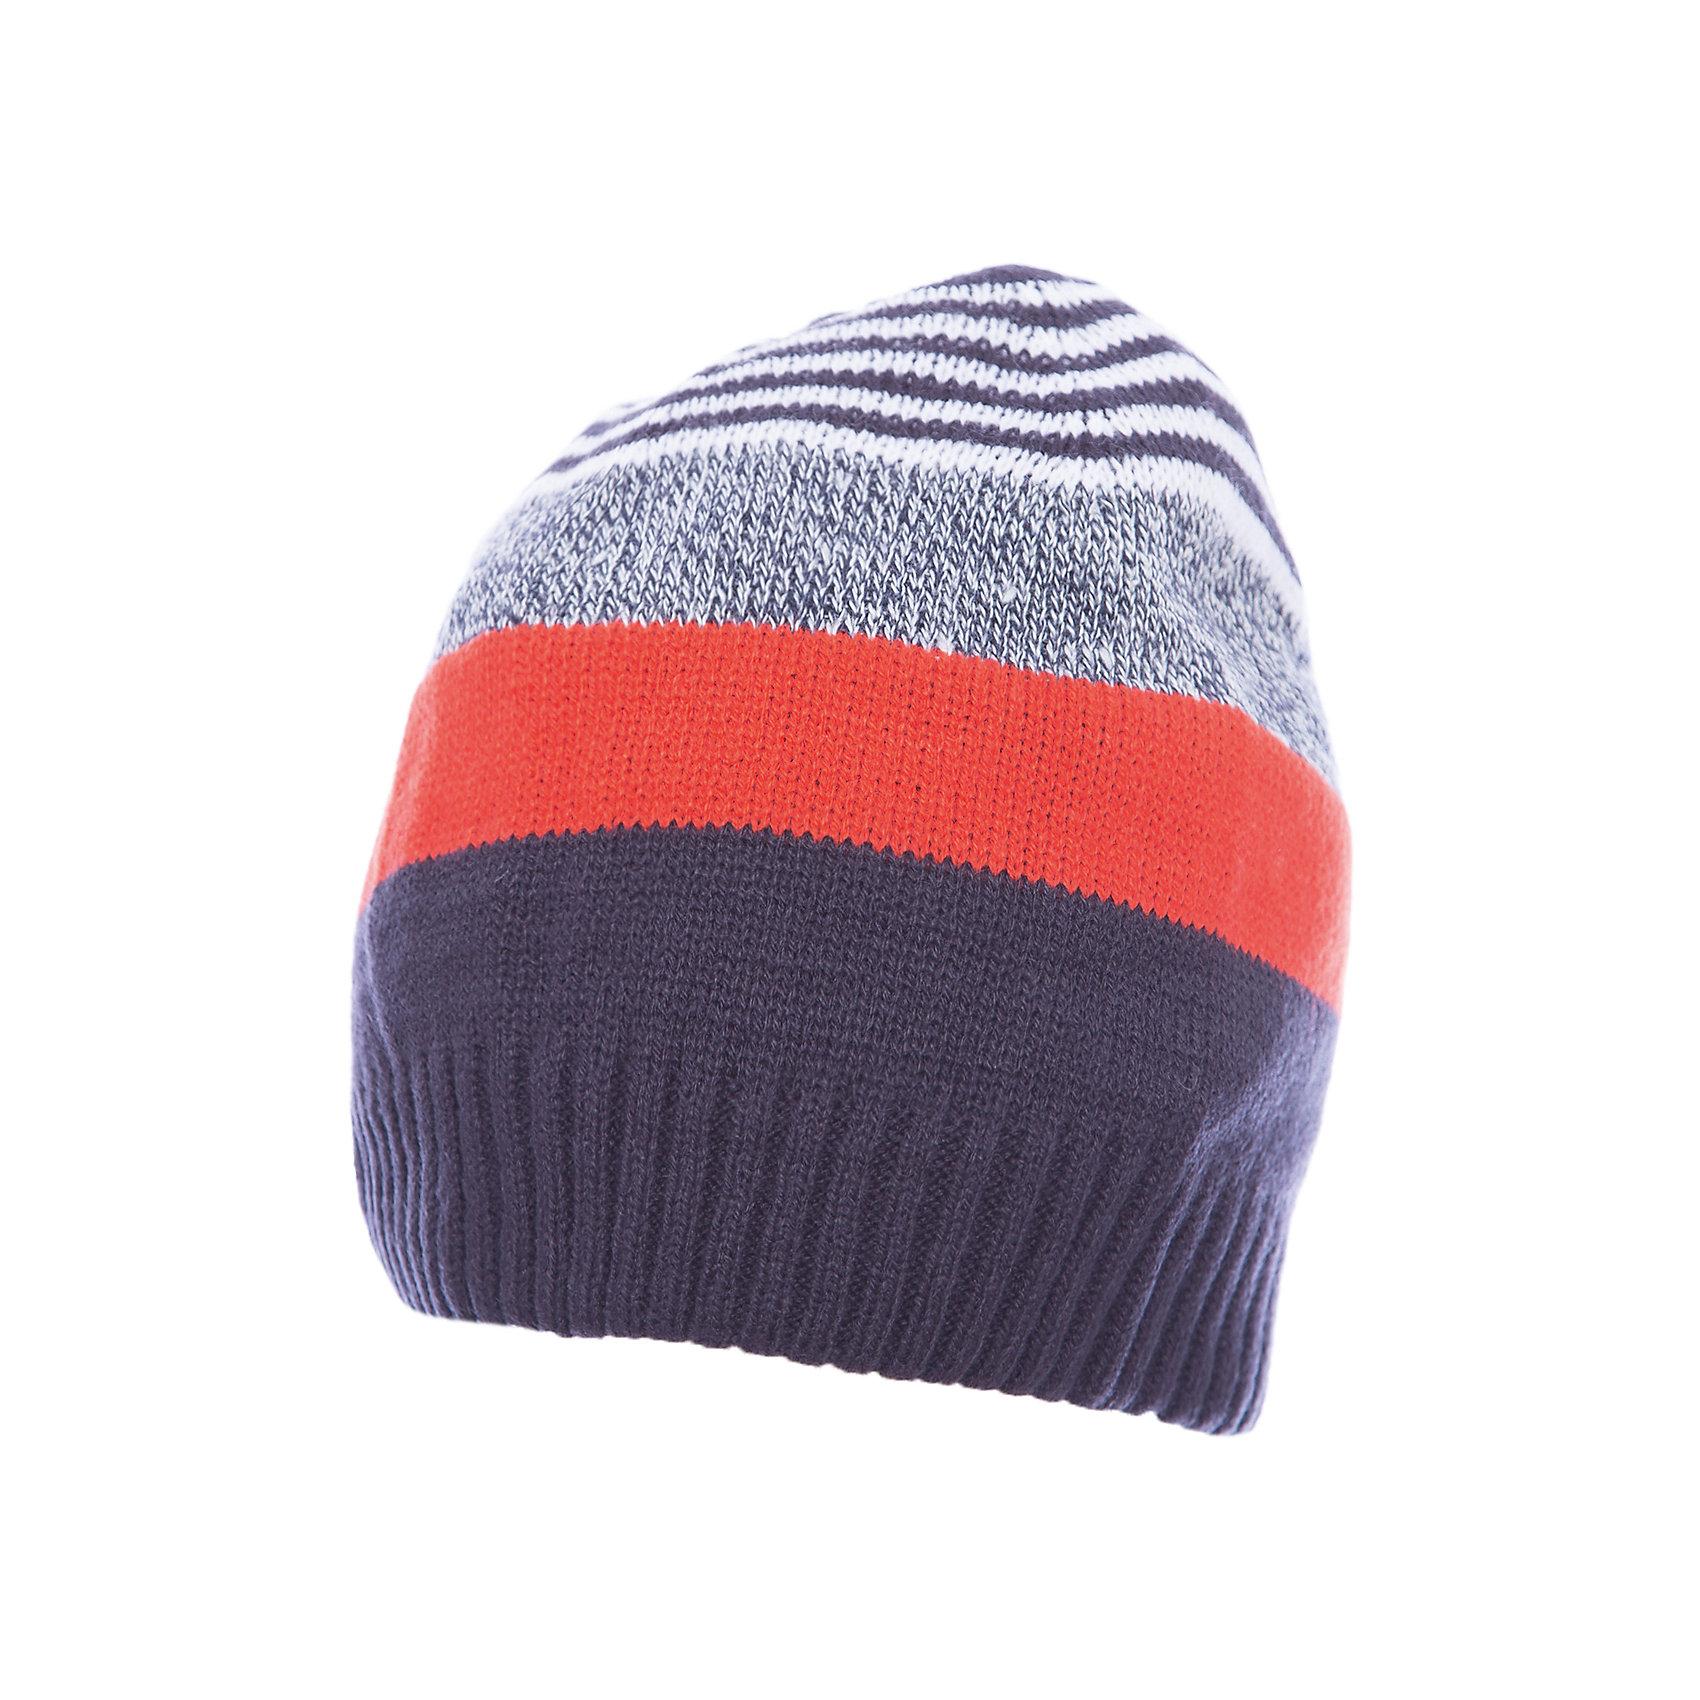 Шапка для мальчика ScoolГоловные уборы<br>Шапка для мальчика Scool – отличное сочетание качества и классического внешнего вида.<br>Стильная и яркая шапка с удобной резинкой, не позволяющей слететь с головы, защитит голову и уши от холода. Благодаря тому, что шапка двухслойная, ее можно носить в очень холодное время, не боясь, что ребенок замерзнет. Подойдет для активных прогулок. Сделана из качественного материала, который не вызывает аллергию.<br><br>Дополнительная информация:<br><br>- материал: 100% акрил<br>- цвет: серый, оранжевый, белый<br><br>Шапку для мальчика Scool можно купить в нашем интернет магазине.<br><br>Ширина мм: 89<br>Глубина мм: 117<br>Высота мм: 44<br>Вес г: 155<br>Цвет: белый<br>Возраст от месяцев: 72<br>Возраст до месяцев: 84<br>Пол: Мужской<br>Возраст: Детский<br>Размер: 54,56<br>SKU: 4911638